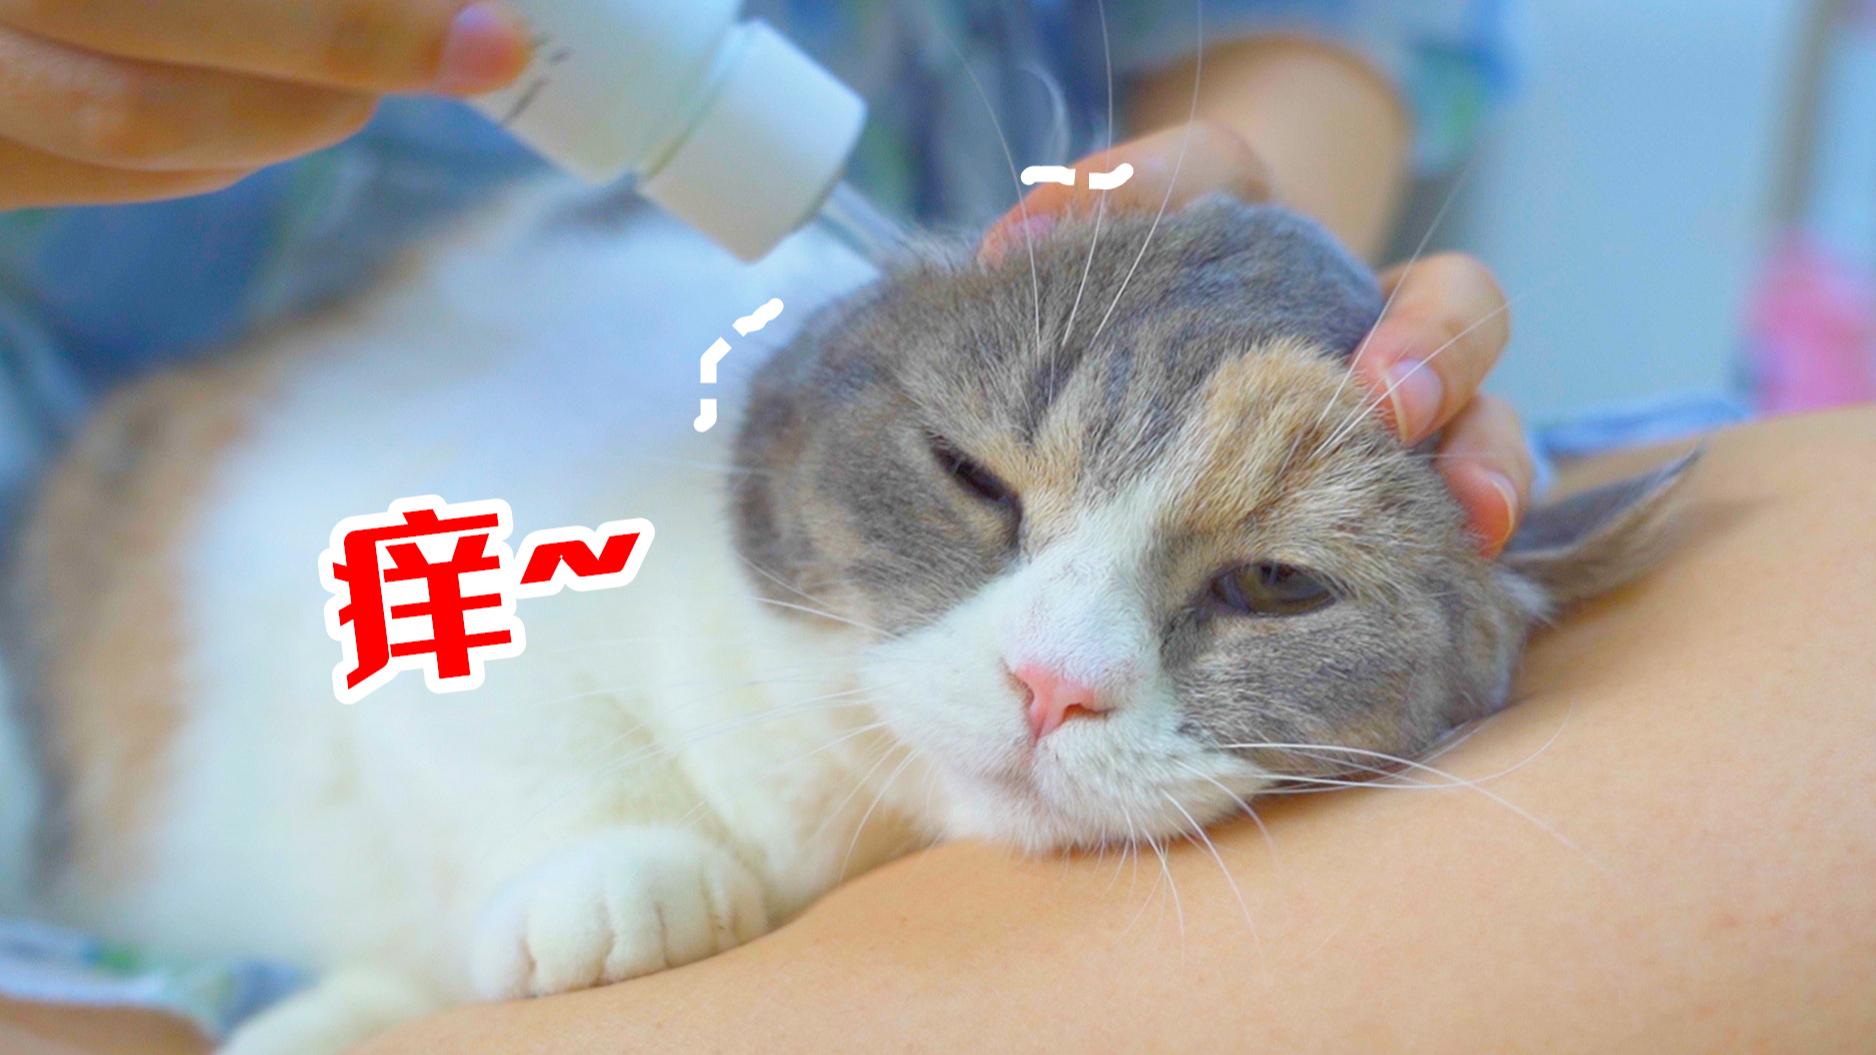 给猫咪洗耳朵,猫奇痒难忍,直接把女主人抓出血痕!